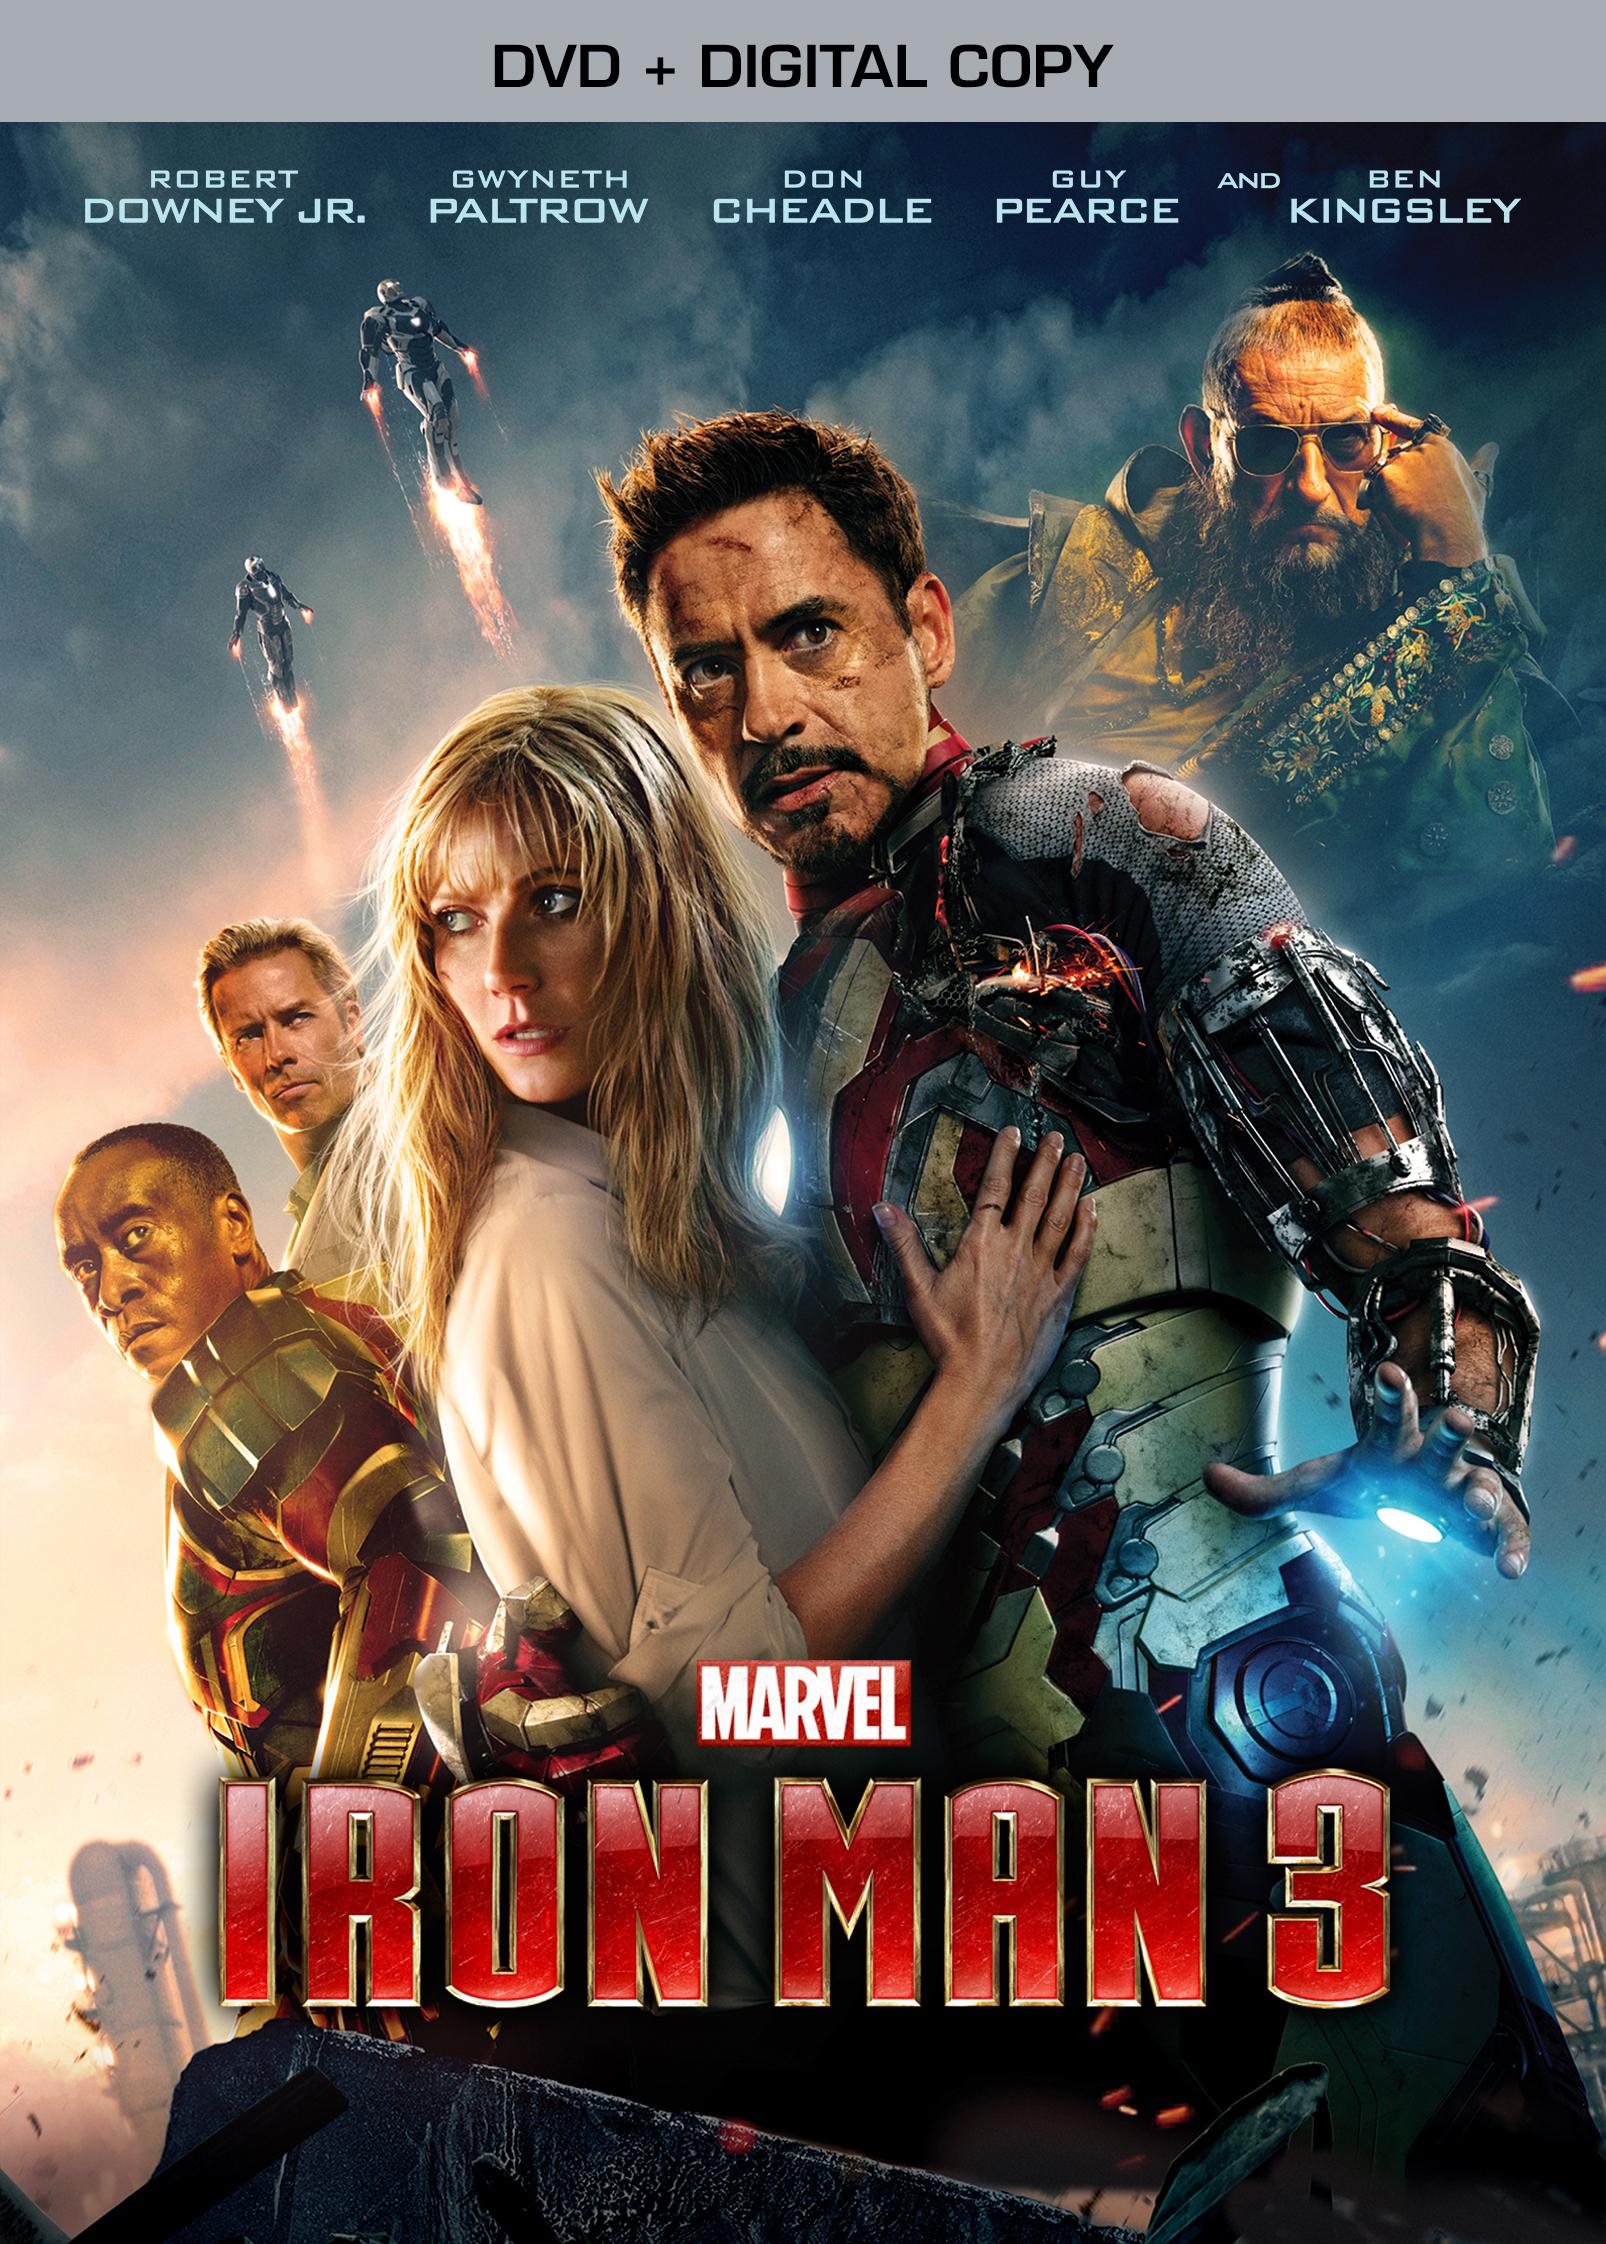 Iron Man 3 (video)